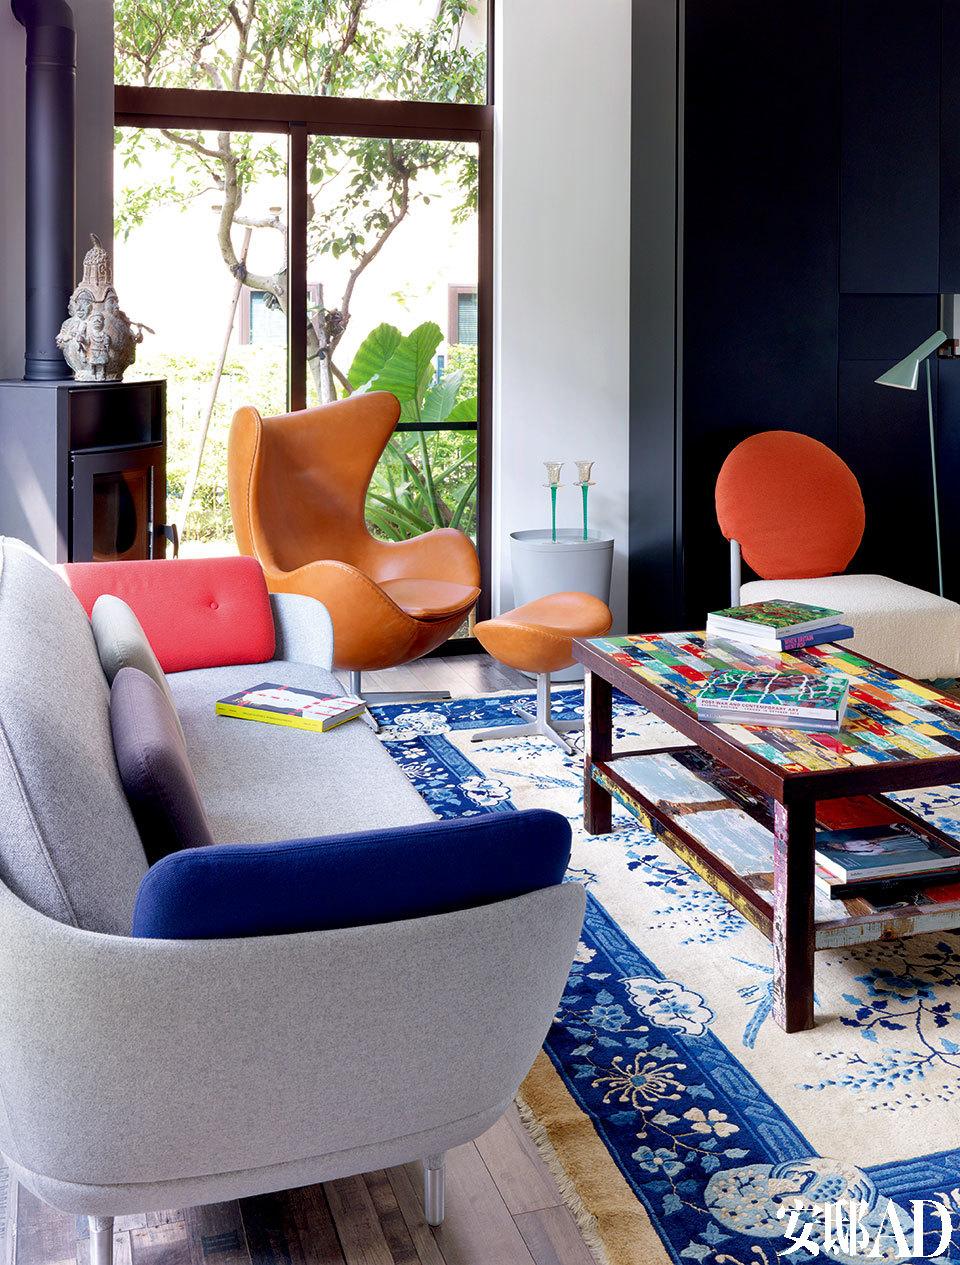 一层客厅的家具皆为旧家所用,灰色Favn沙发由Fritz Hansen出品,一旁是著名的Egg皮革单椅,彩色茶几由一位法国艺术家用巴厘岛的废弃船只制作而成。